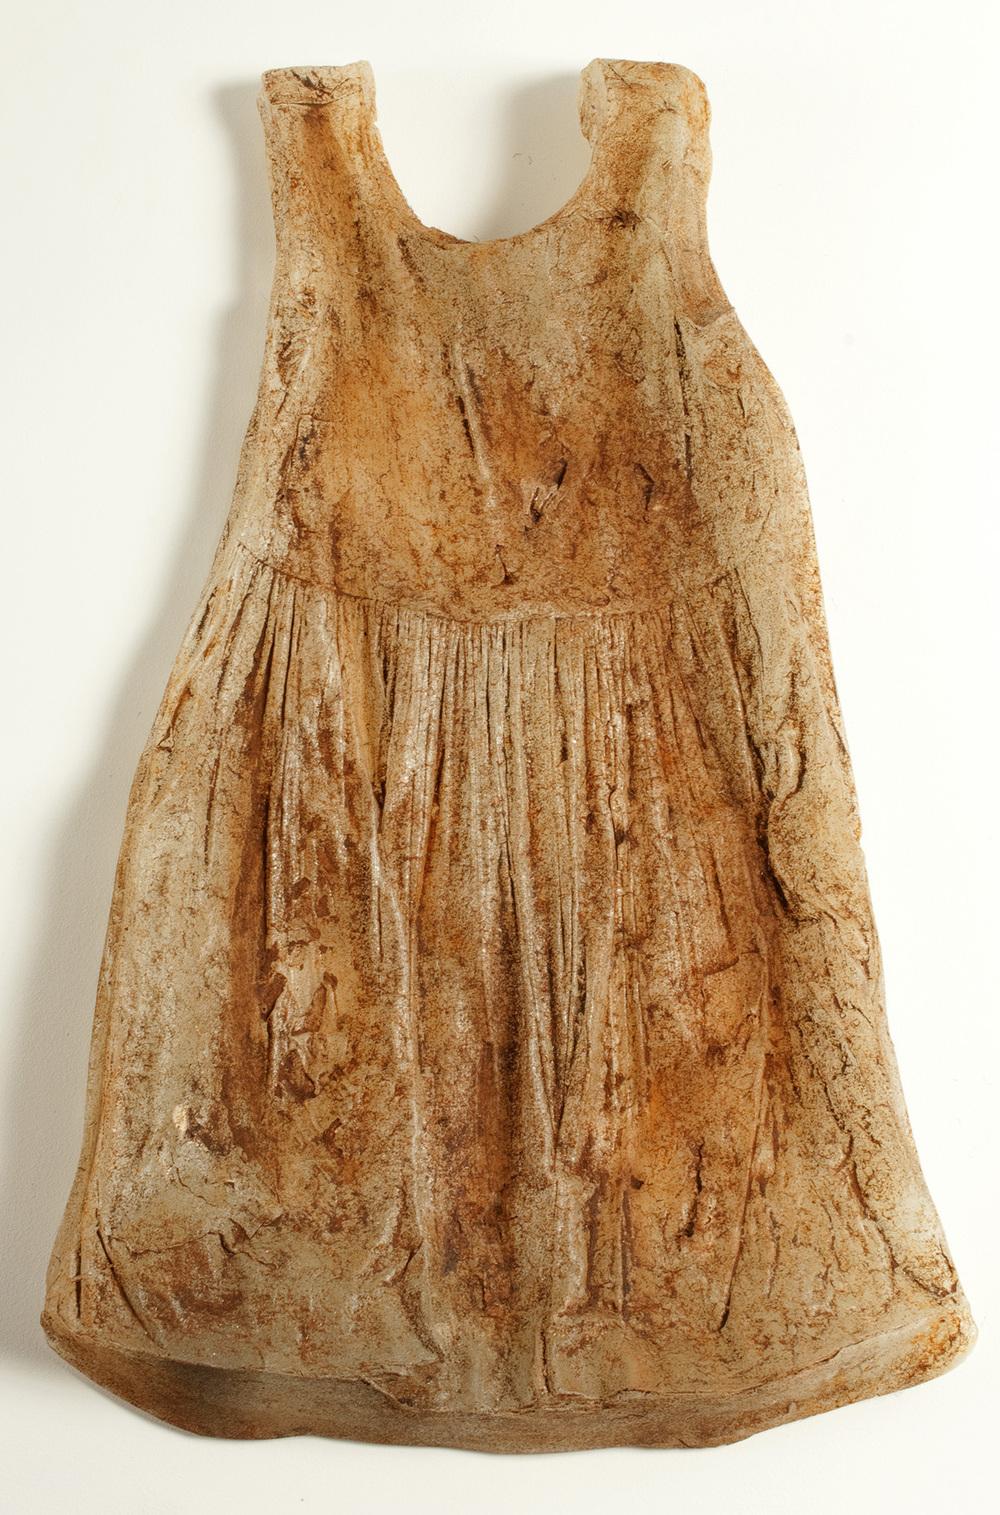 Communion Dress by Paige Morris